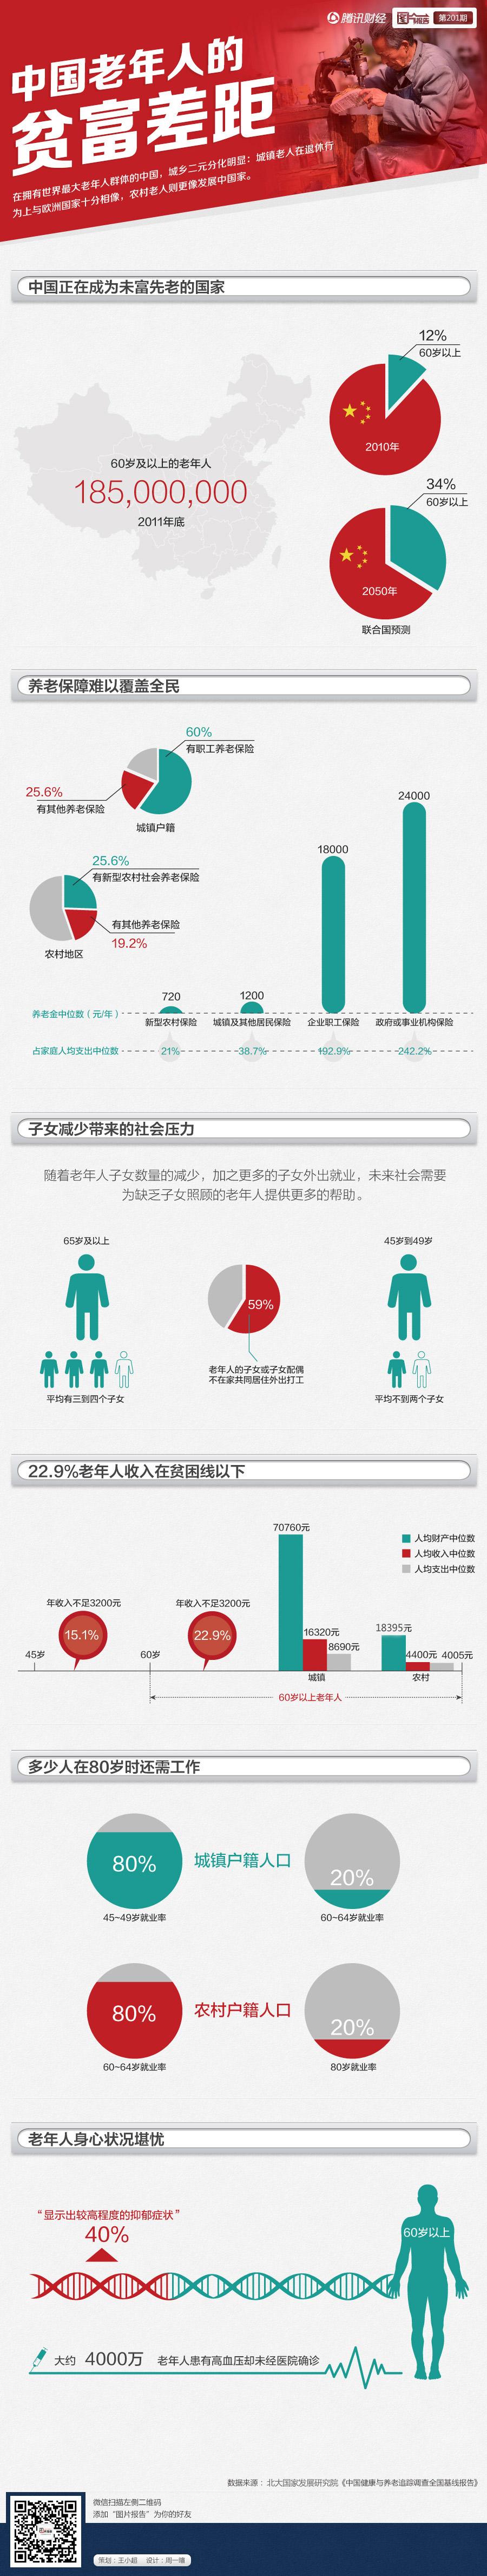 中国老年人群贫富差距